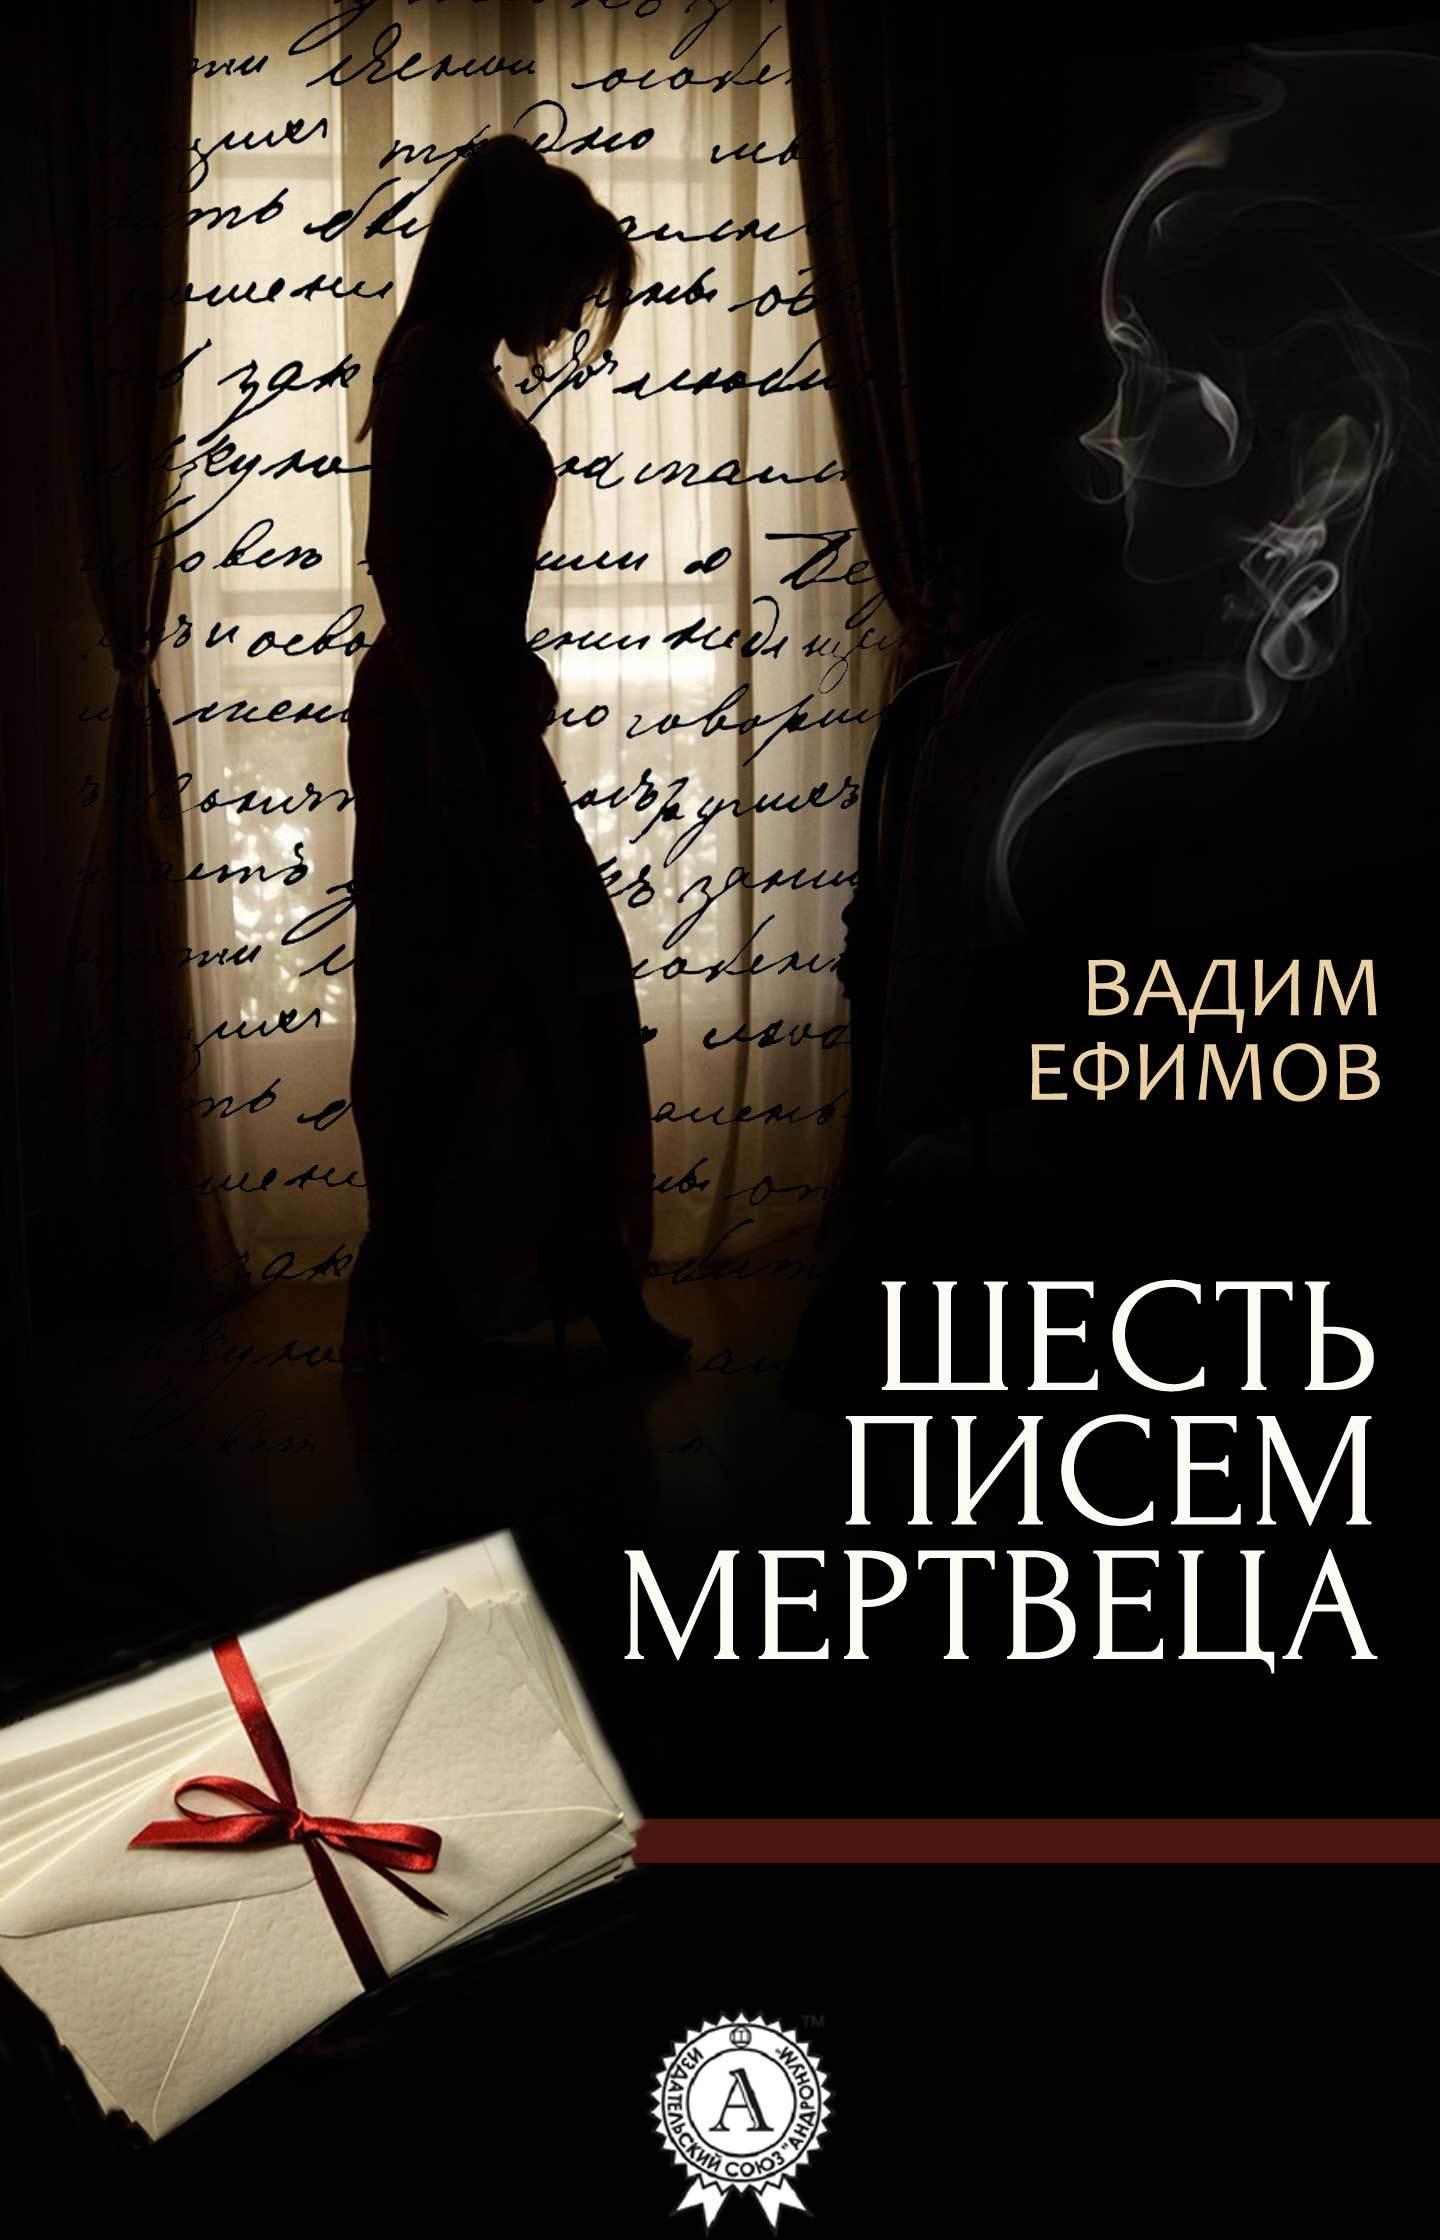 Вадим Ефимов бесплатно